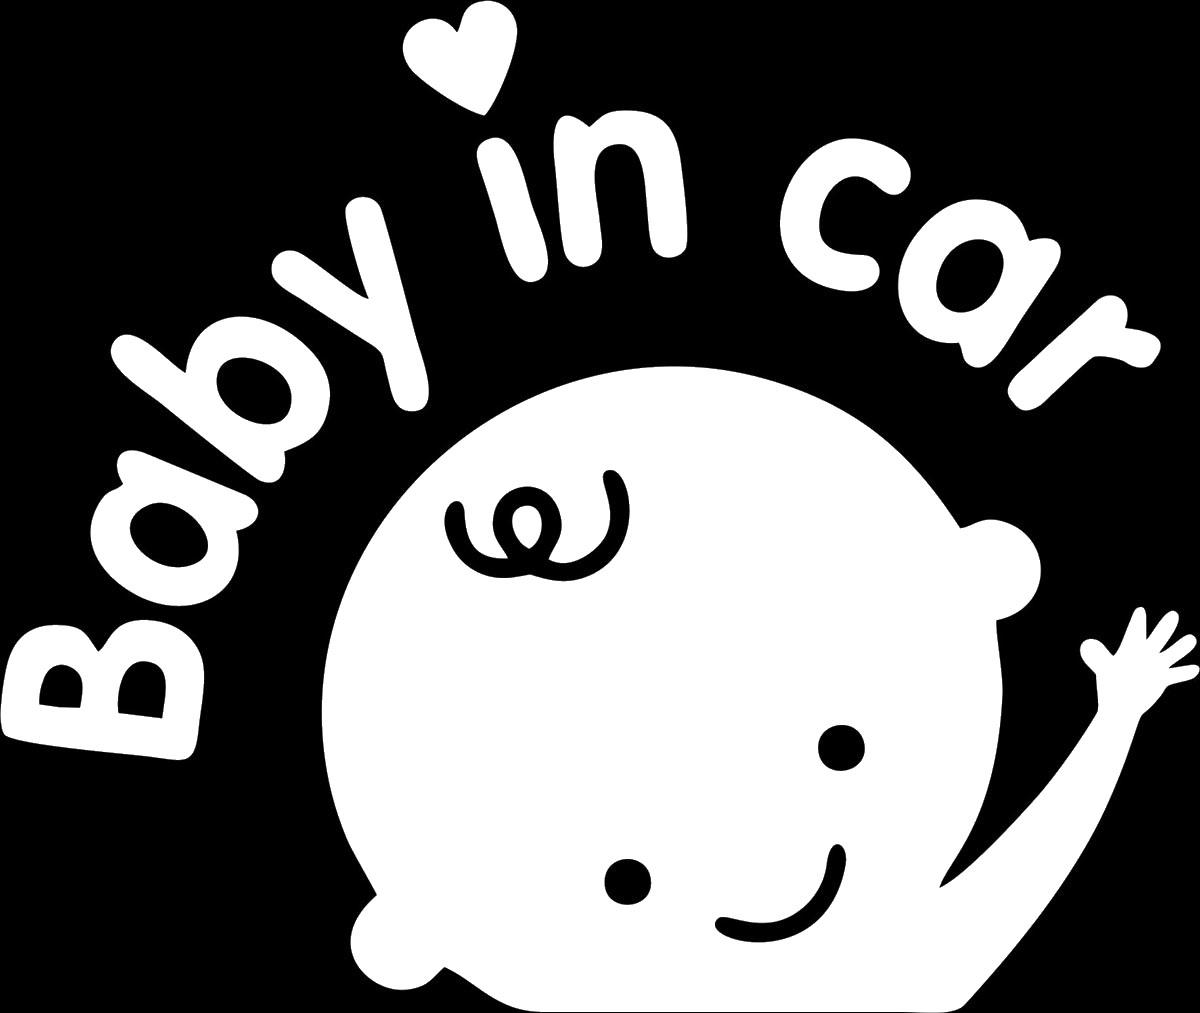 Наклейка автомобильная Оранжевый слоник Baby in Car. Пупс 3, виниловая, цвет: белыйVCA-00Оригинальная наклейка Оранжевый слоник Baby in Car. Пупс 3 изготовлена из высококачественной виниловой пленки, которая выполняет не только декоративную функцию, но и защищает кузов автомобиля от небольших механических повреждений, либо скрывает уже существующие.Виниловые наклейки на автомобиль - это не только красиво, но еще и быстро! Всего за несколько минут вы можете полностью преобразить свой автомобиль, сделать его ярким, необычным, особенным и неповторимым!